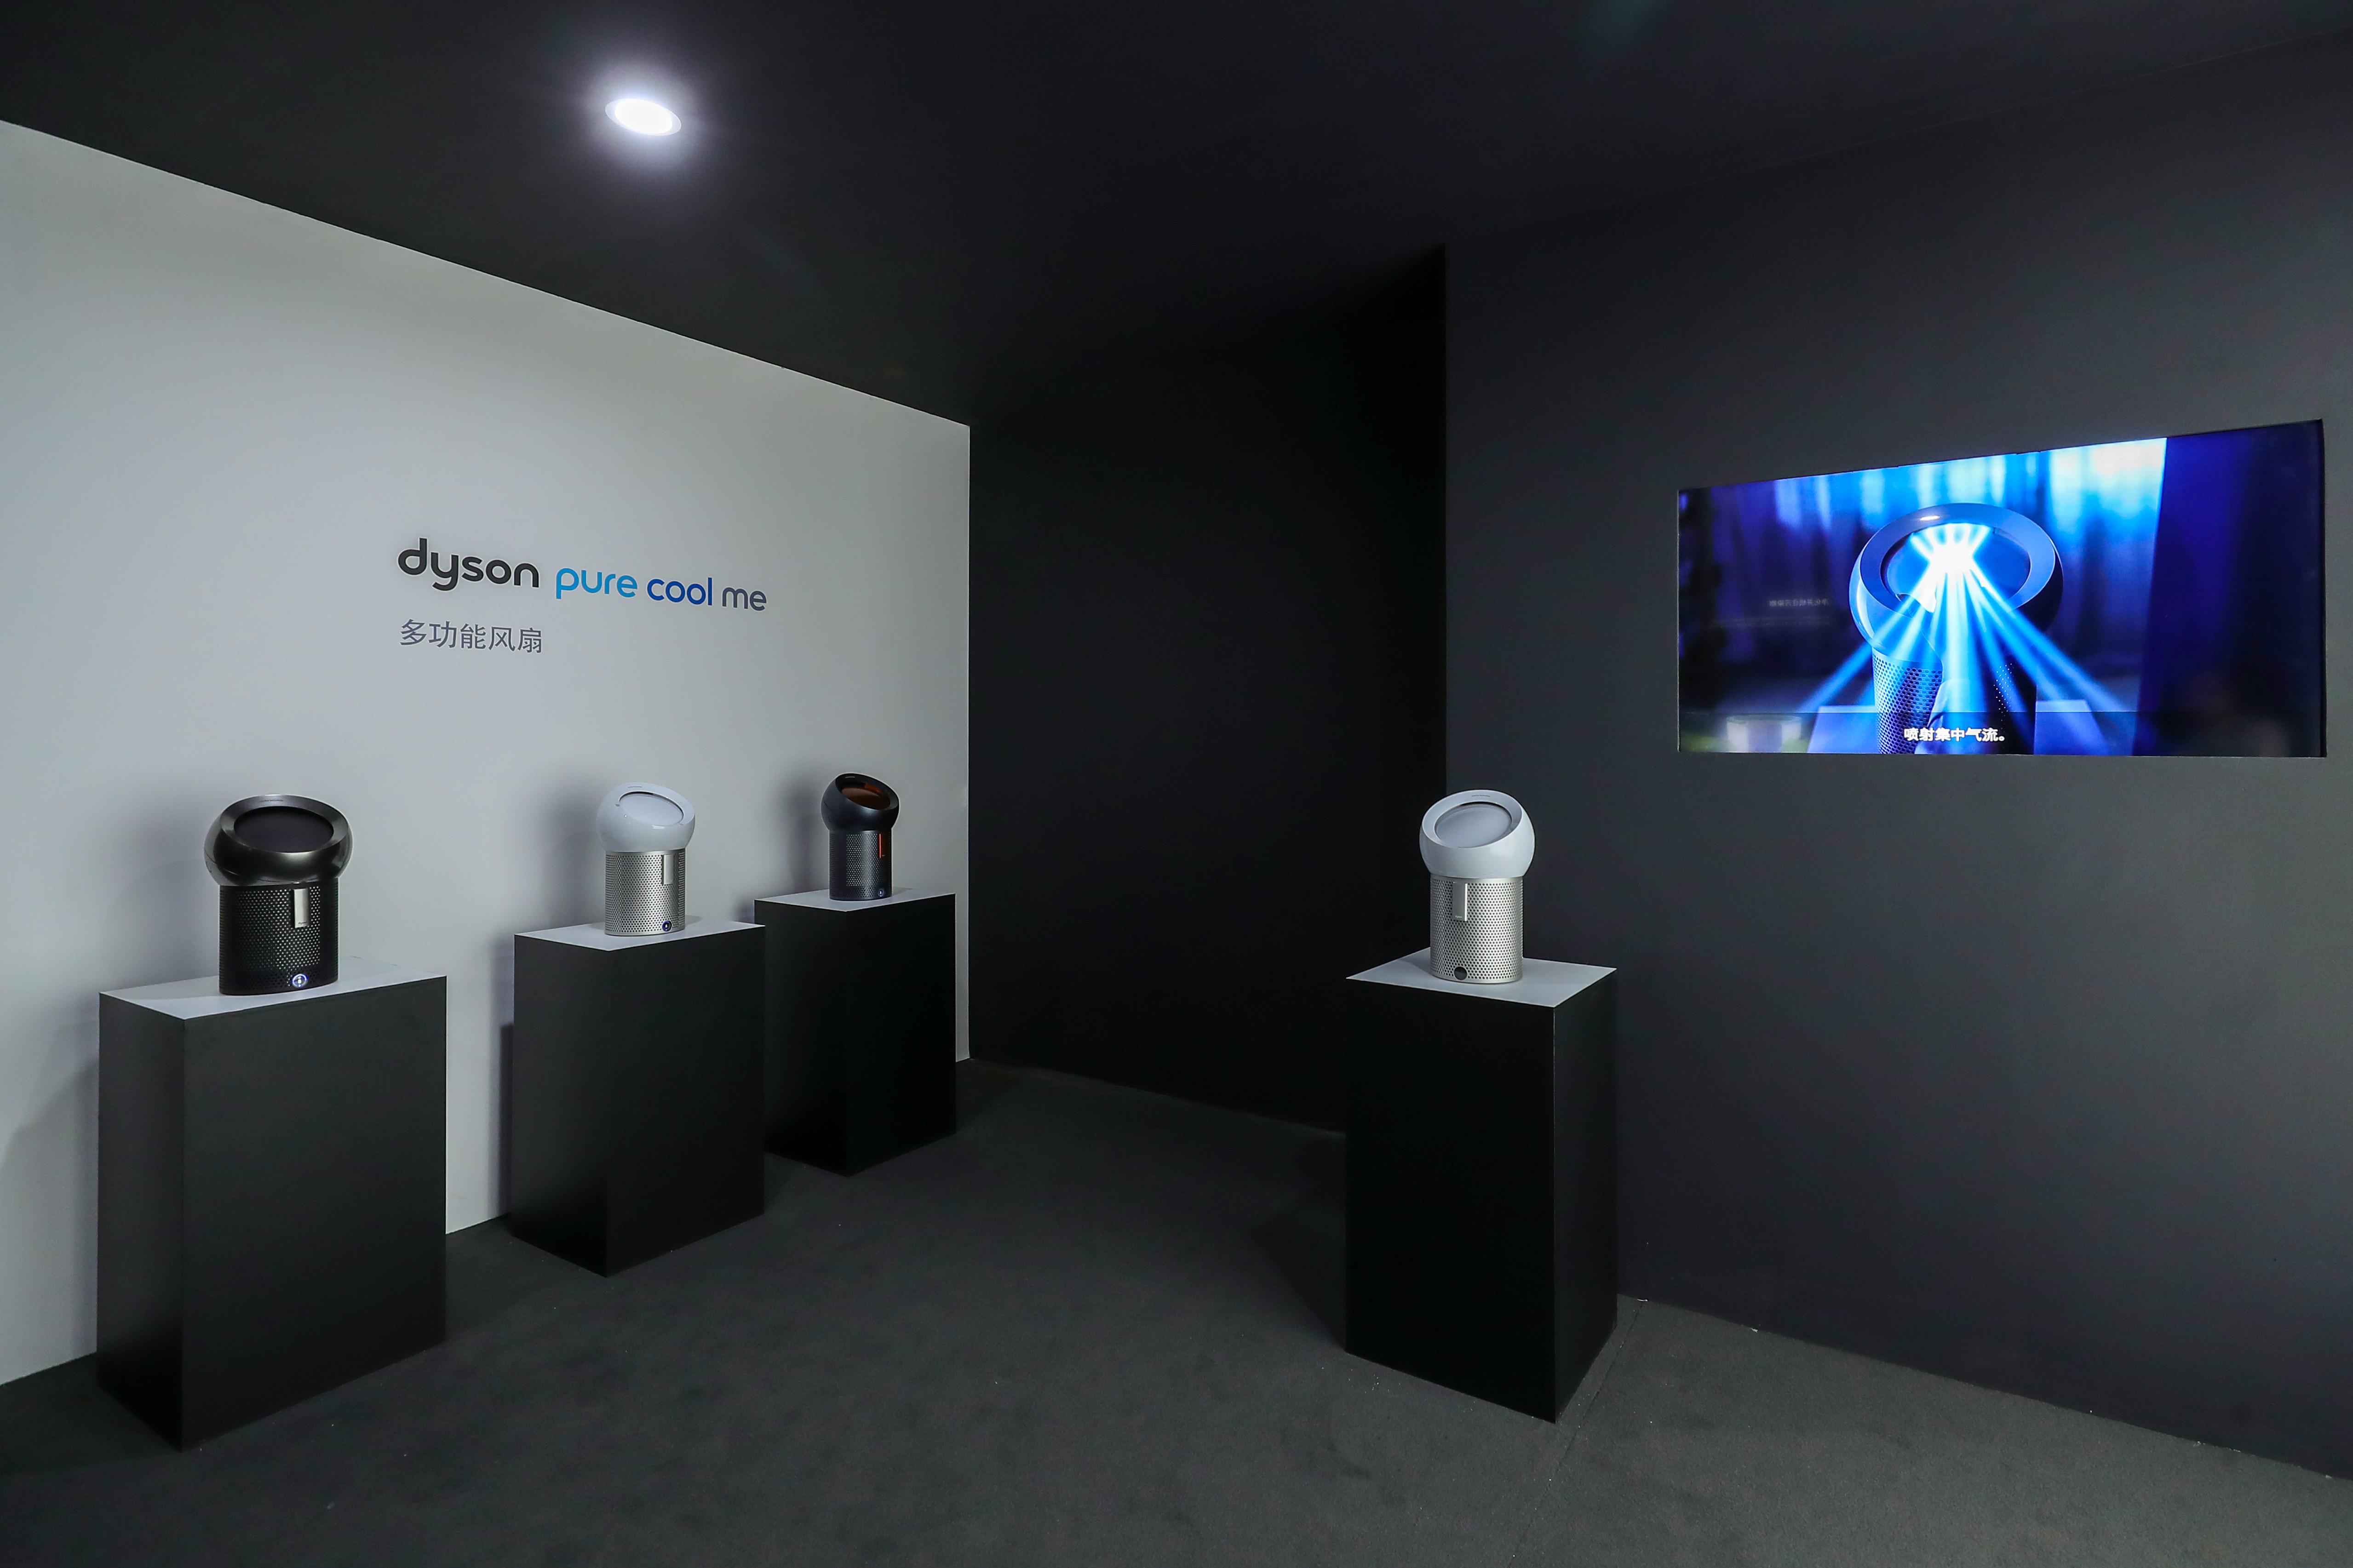 """""""家电圈爱马仕""""戴森在北京发布Dyson Pure Cool Me多功能风扇"""